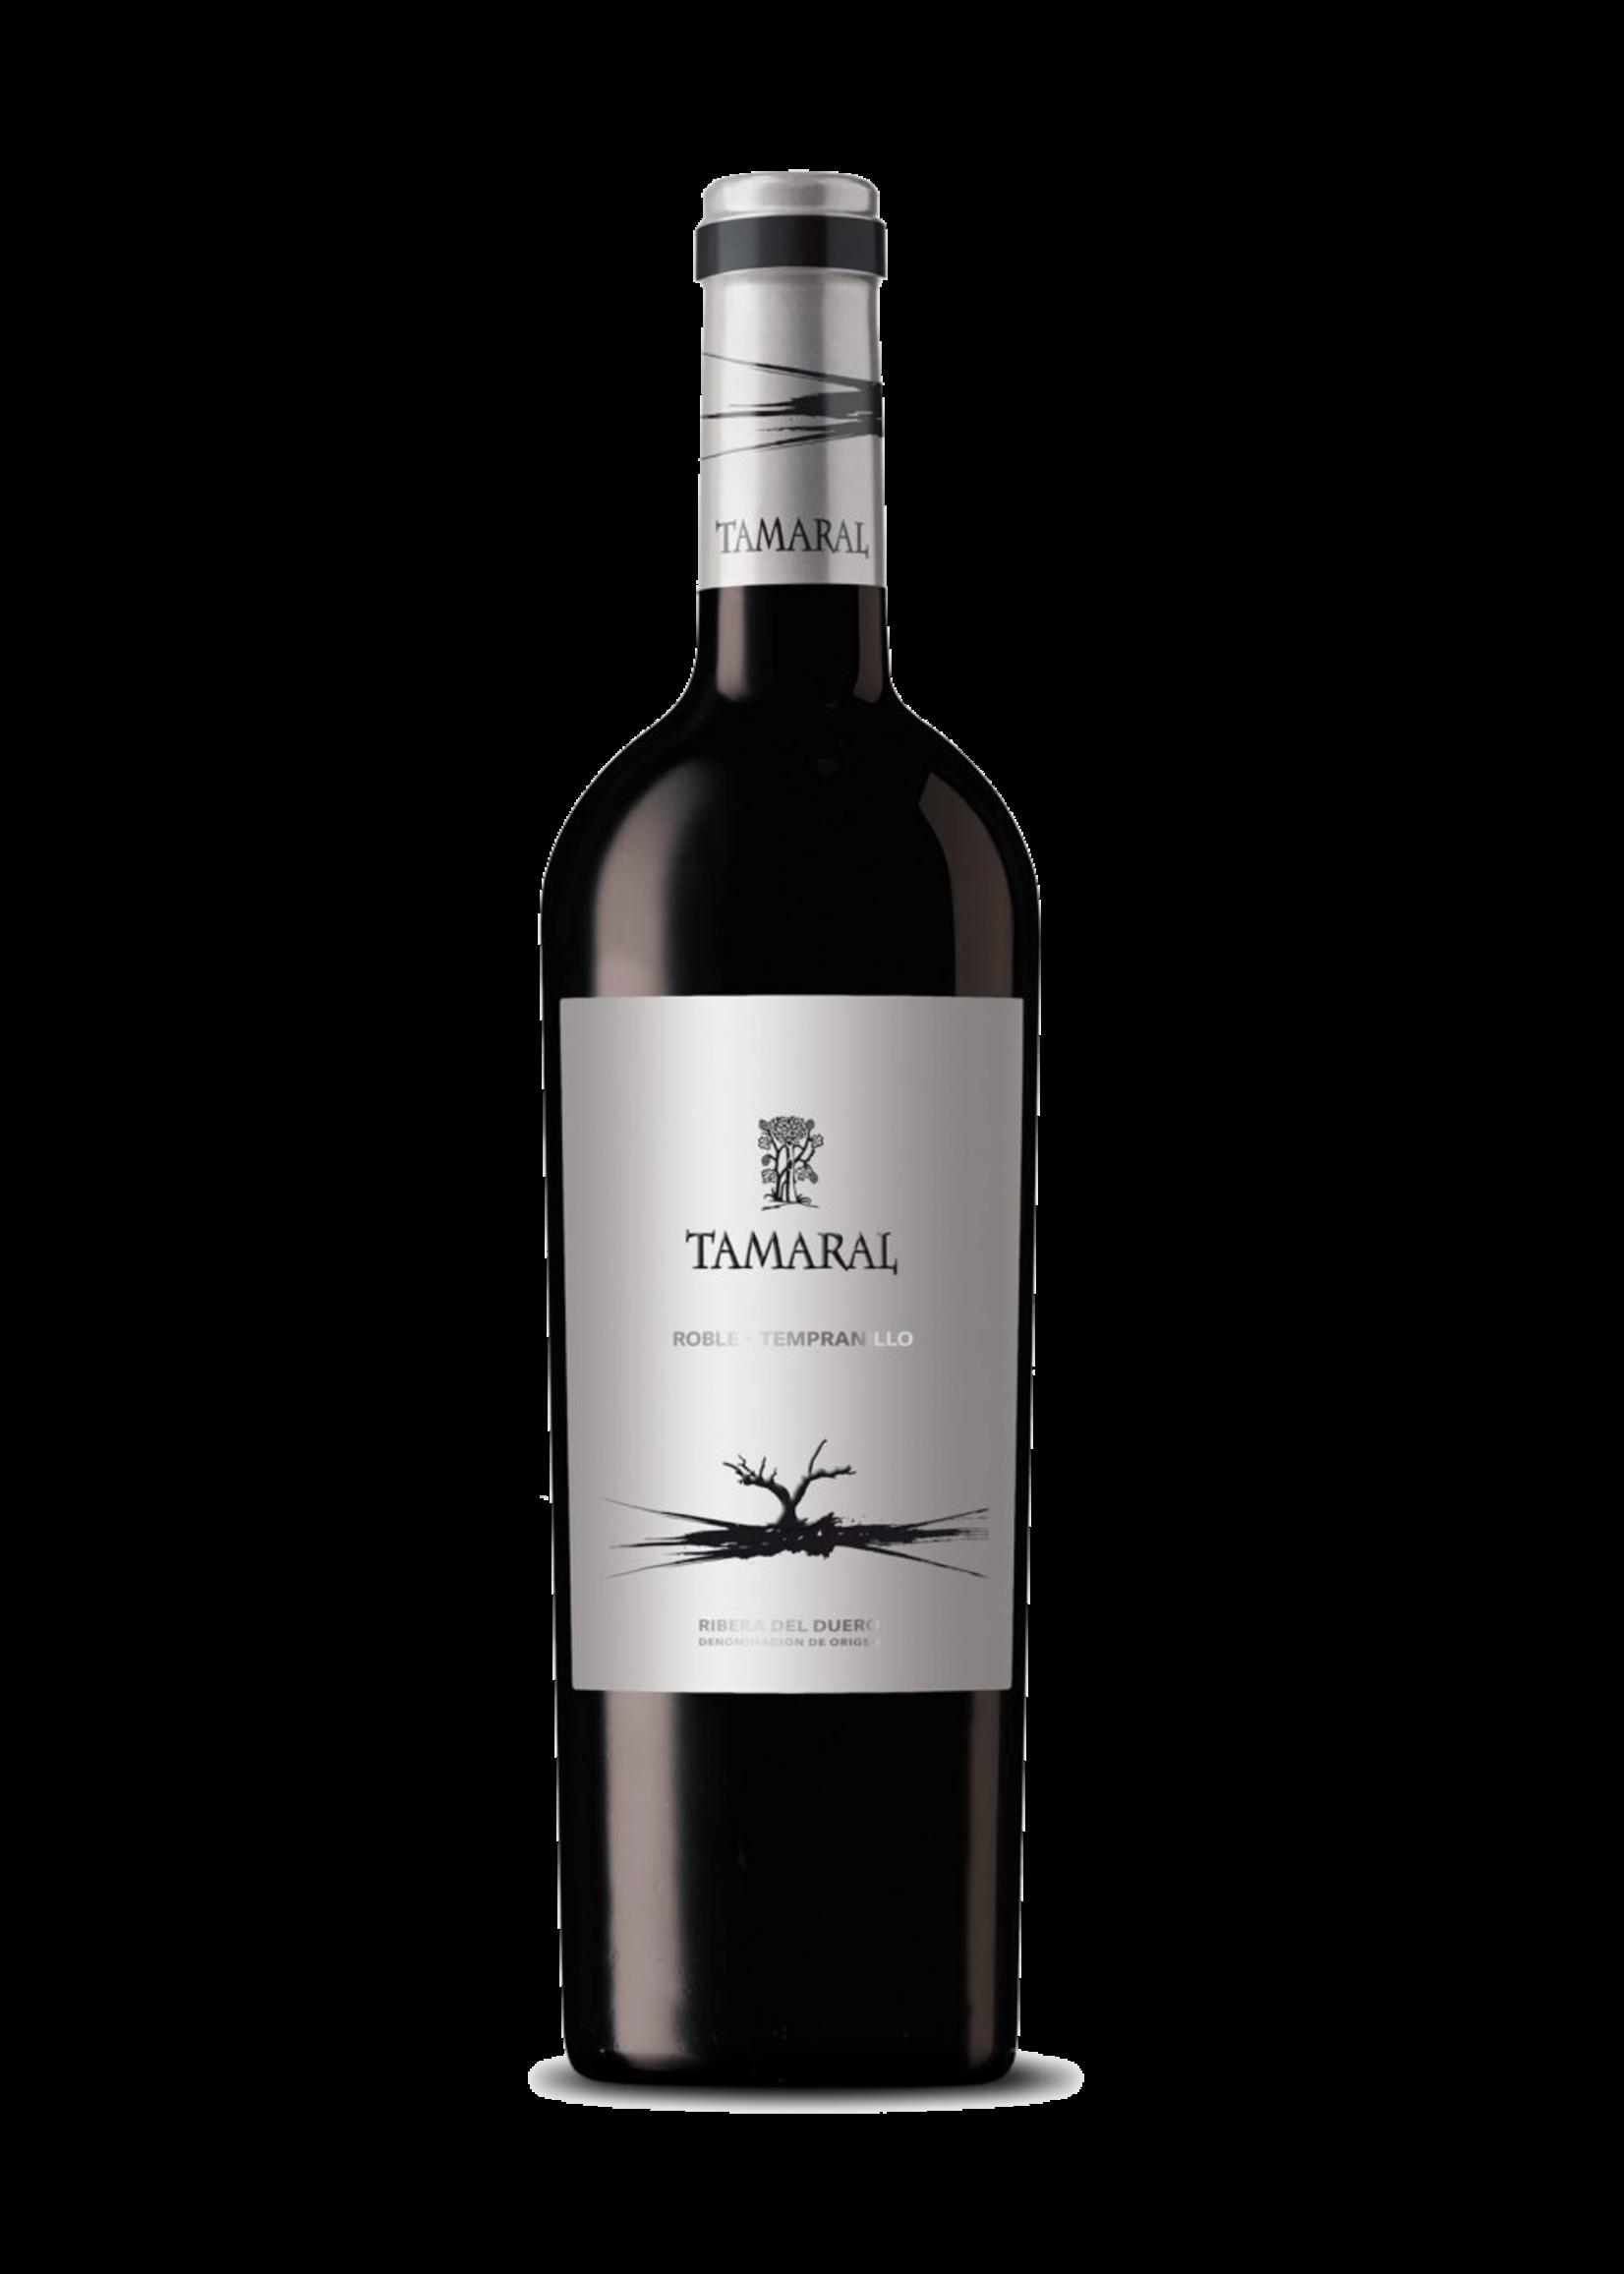 Bodegas y Vinedos Tamaral Bodegas y Vinedos Tamaral / Roble D.O. Ribera del Duero